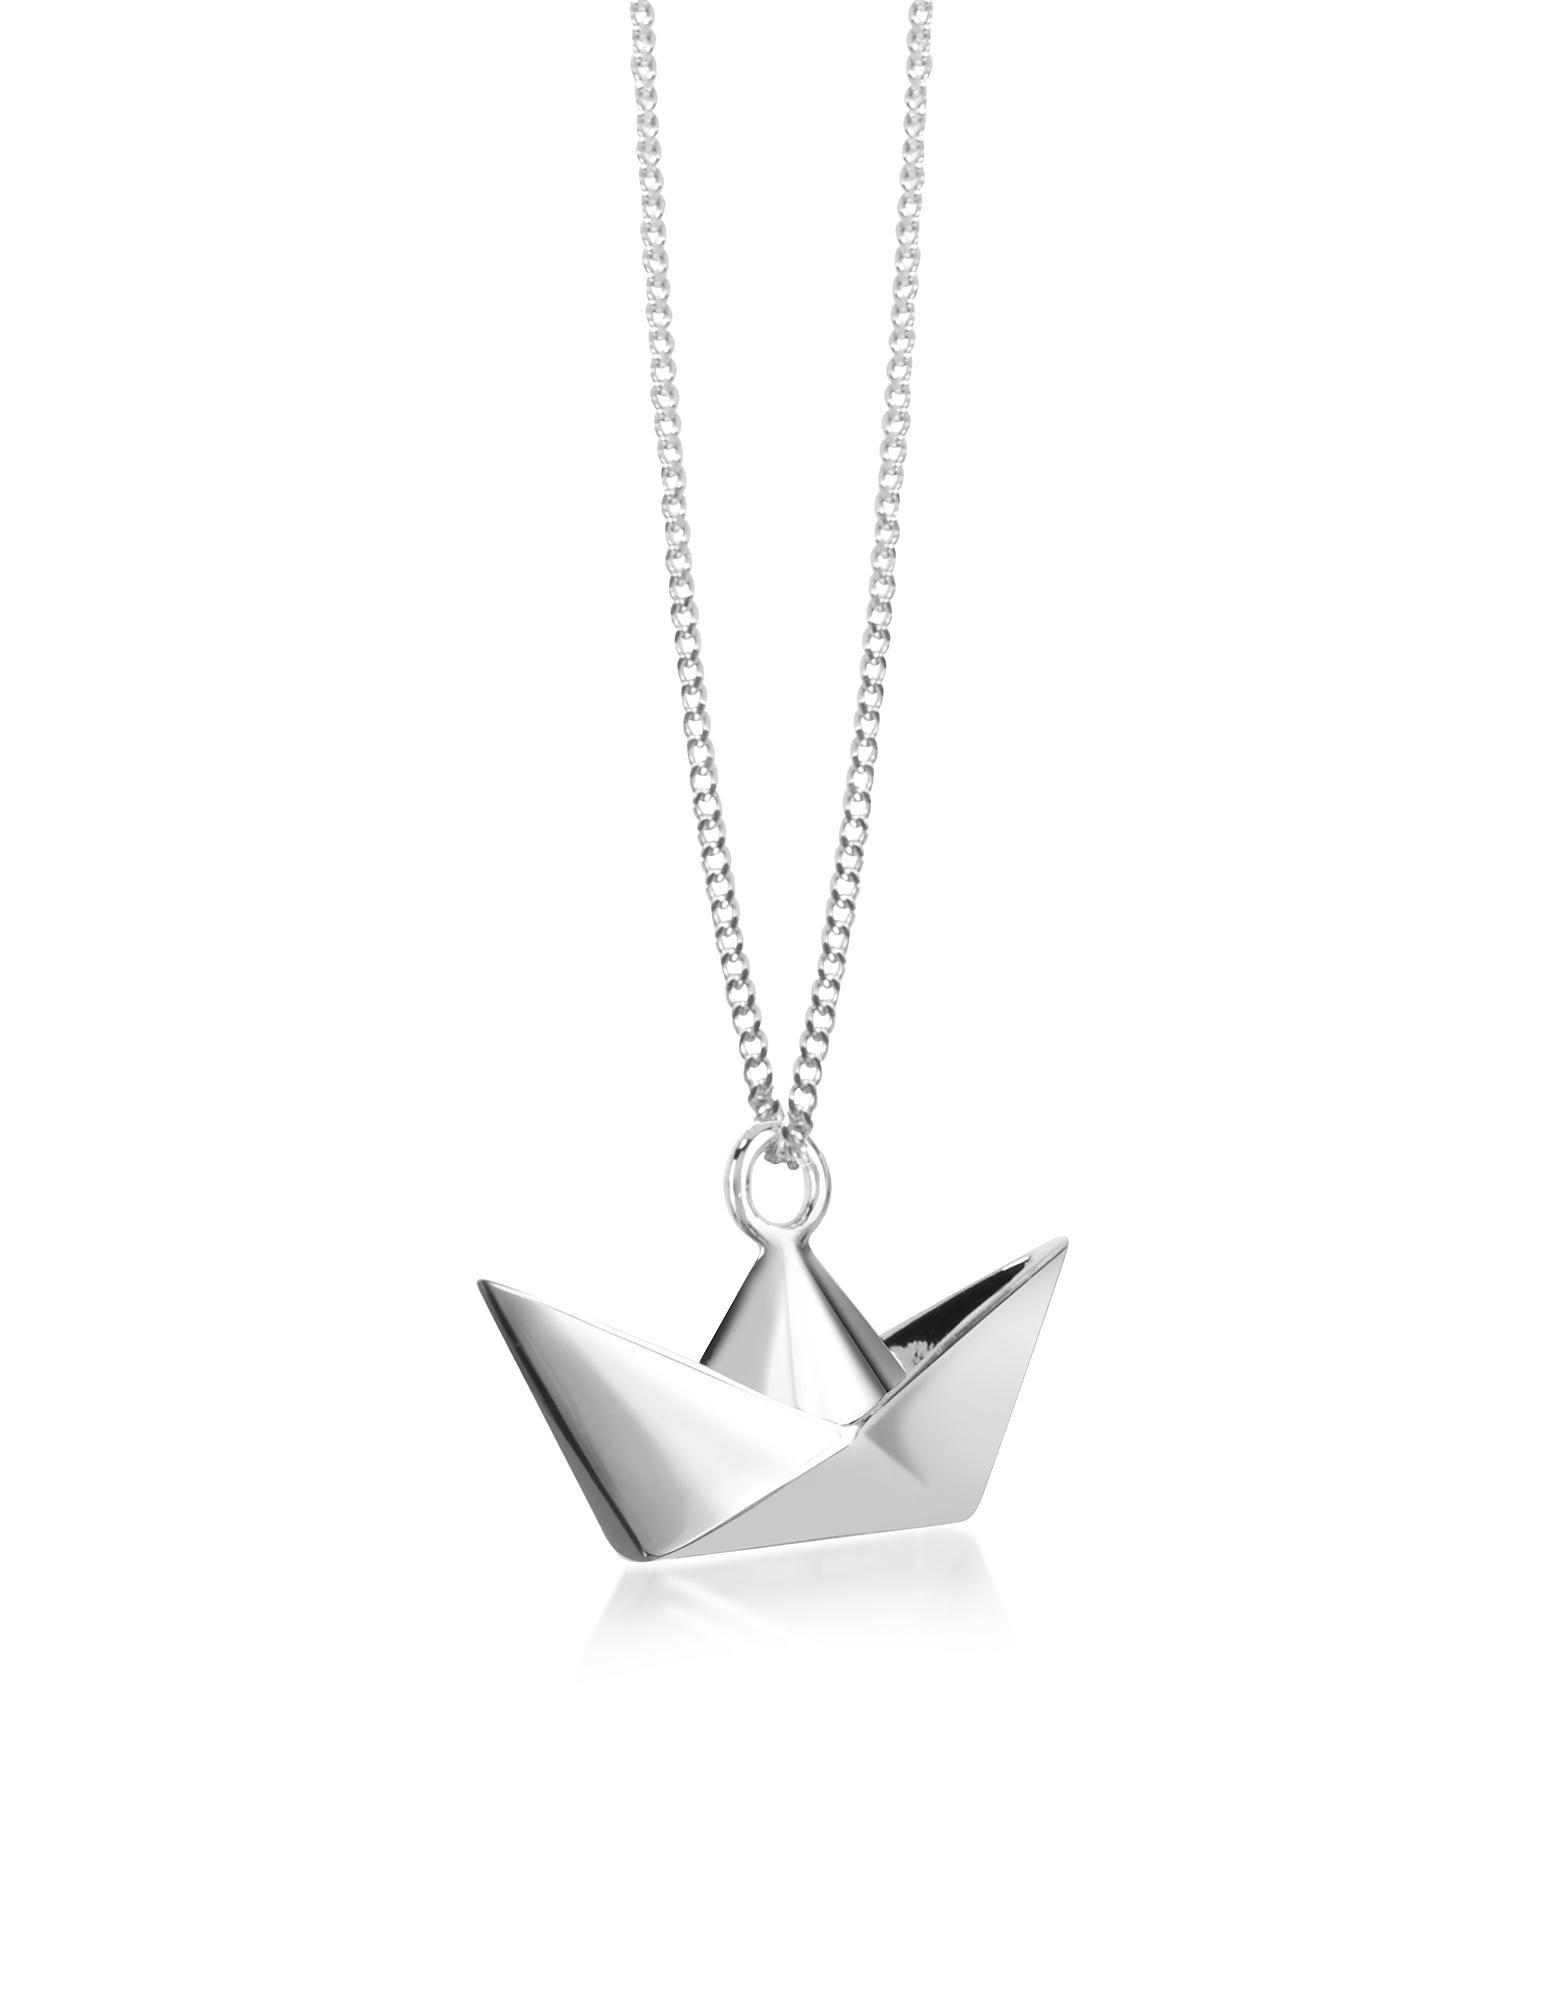 Ожерелье из Серебра 925 пробы с Подвеской-Лодкой